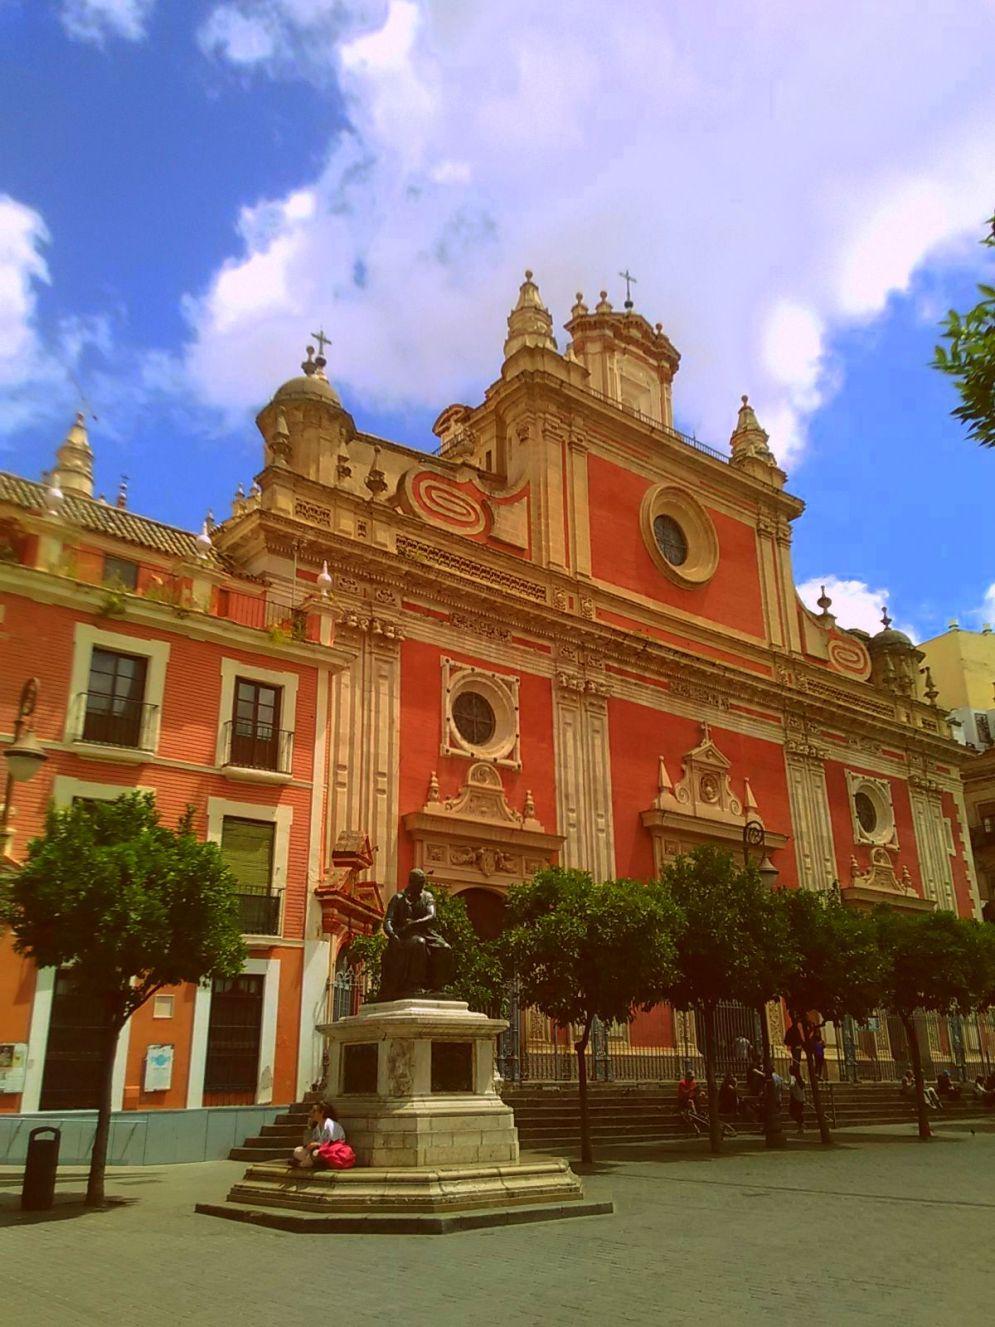 Kirche Salvador - erbaut zwischen 1671 und 1712